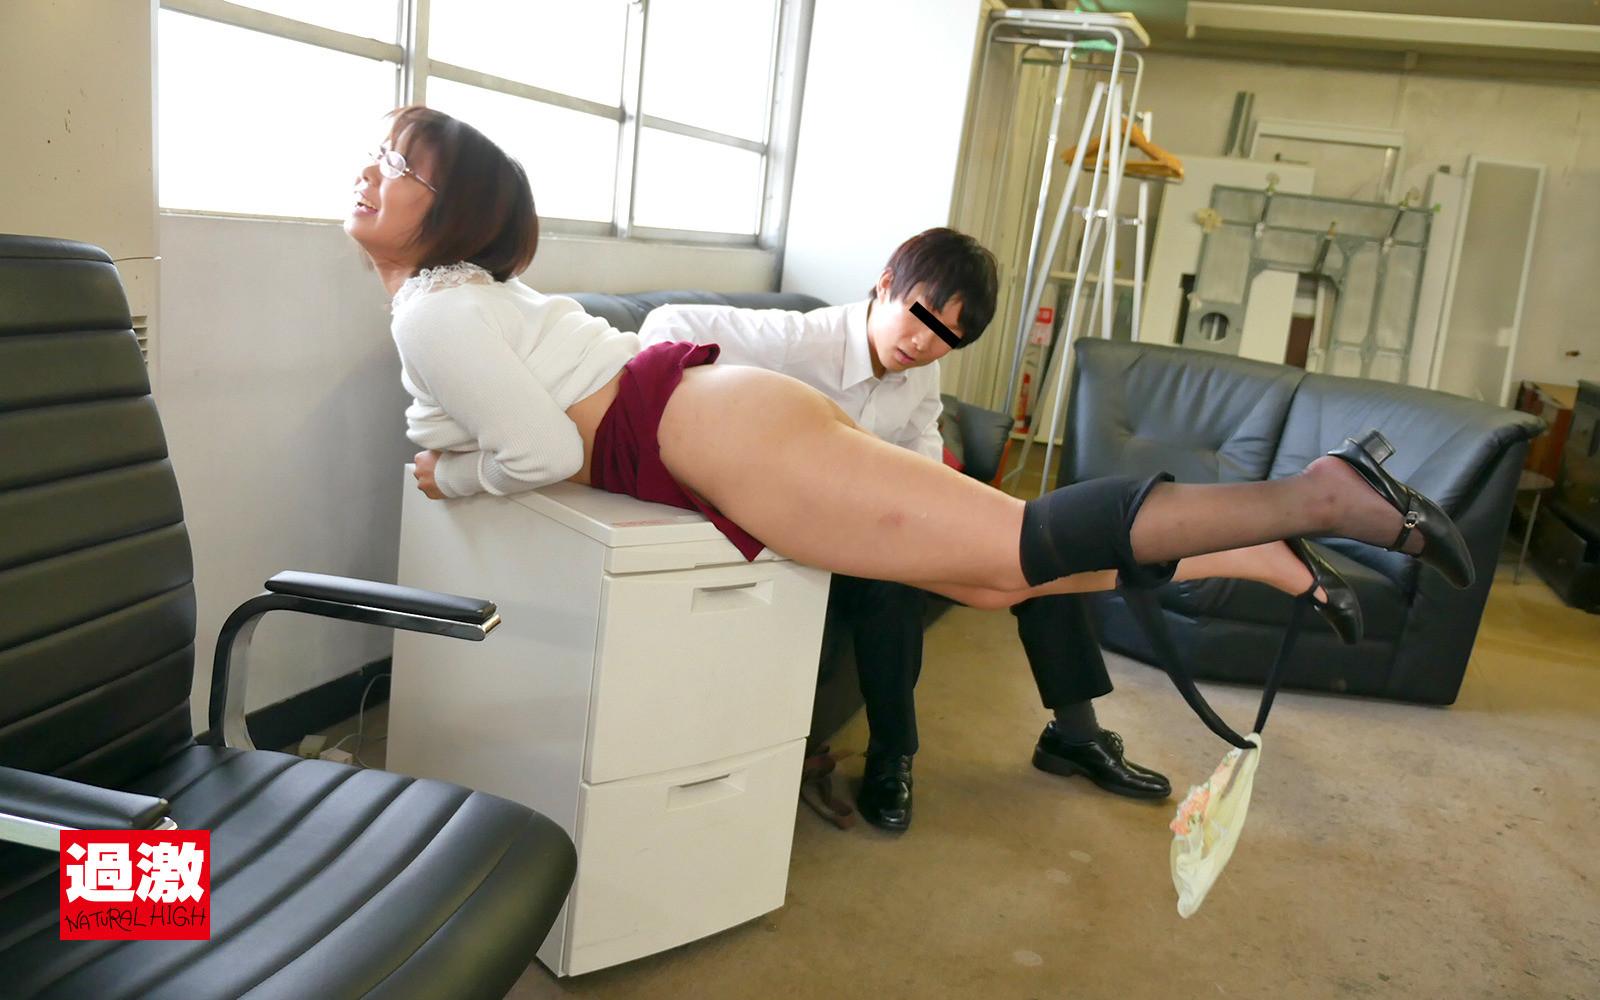 媚薬が効きすぎて職場アクメ! 4 オナニーを我慢できずガニ股でイキ漏らすガクブル女教師 画像11